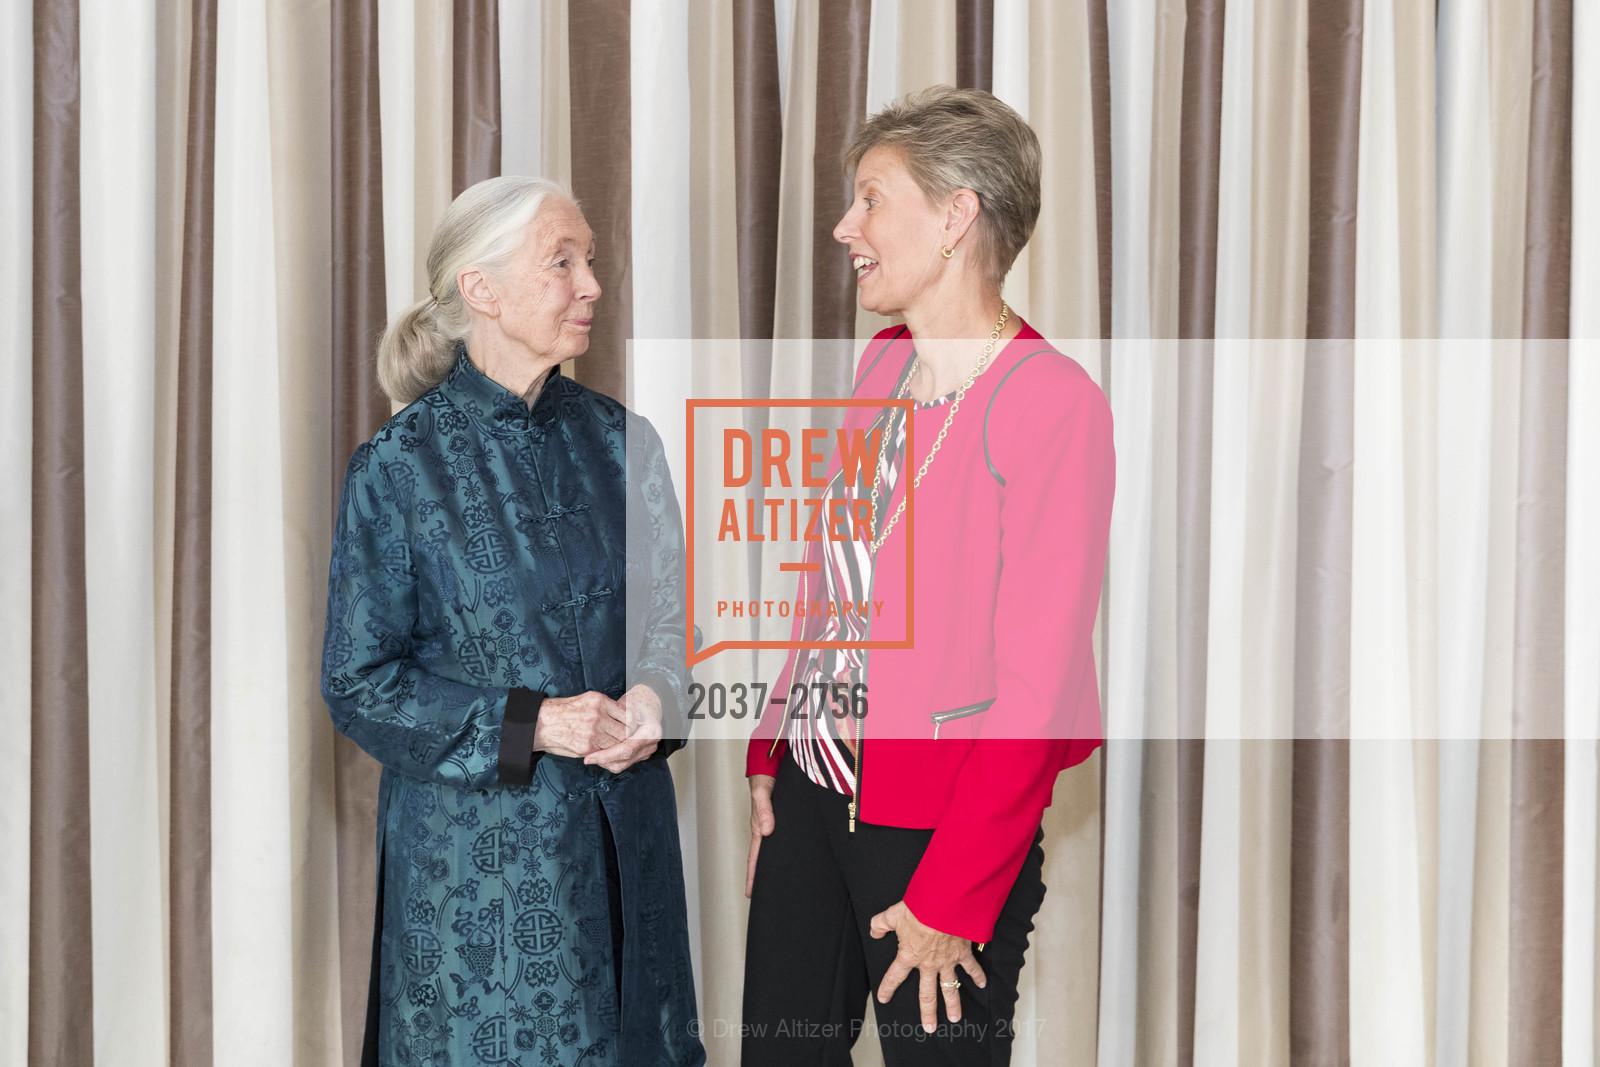 Jane Goodall, Beth Stevens, Photo #2037-2756